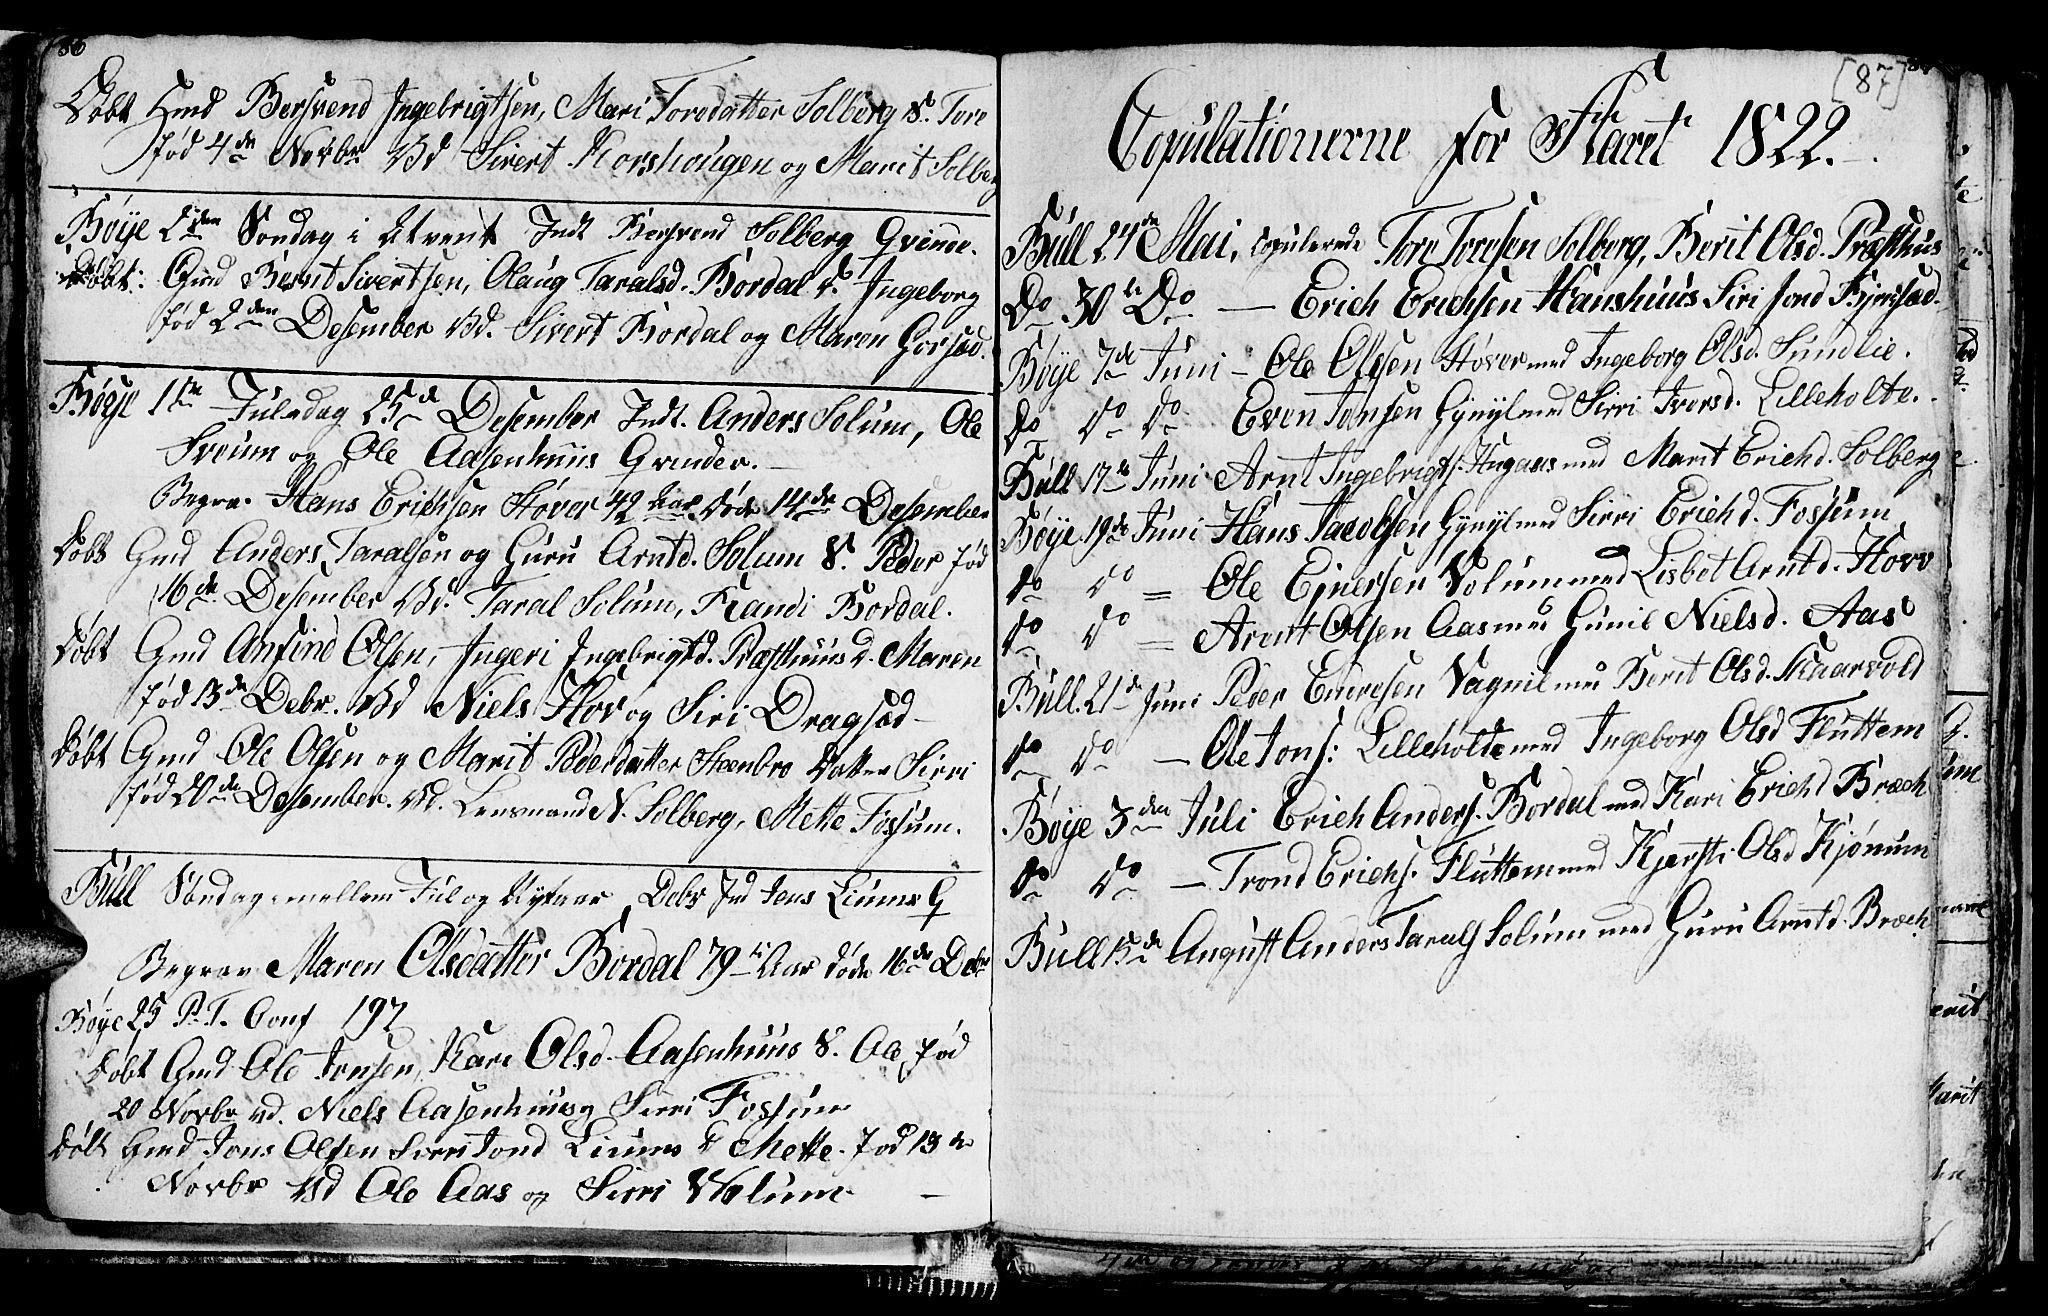 SAT, Ministerialprotokoller, klokkerbøker og fødselsregistre - Sør-Trøndelag, 689/L1042: Klokkerbok nr. 689C01, 1812-1841, s. 86-87